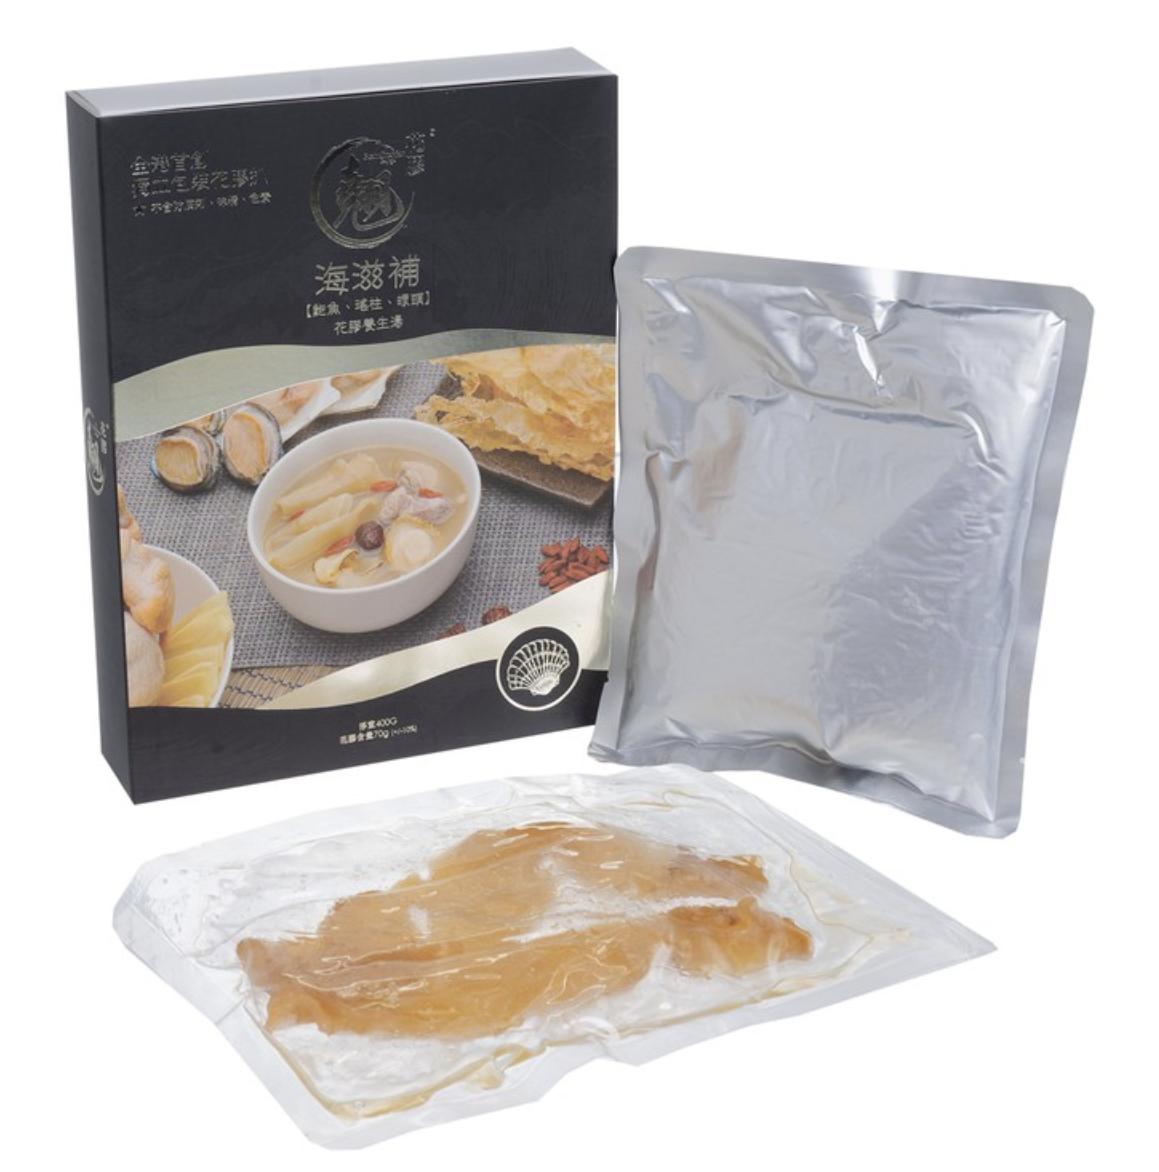 翹花膠 中式花膠湯-海滋補-鮑魚,螺頭,瑤柱 (含原隻丹麥鱈魚花膠) 400G